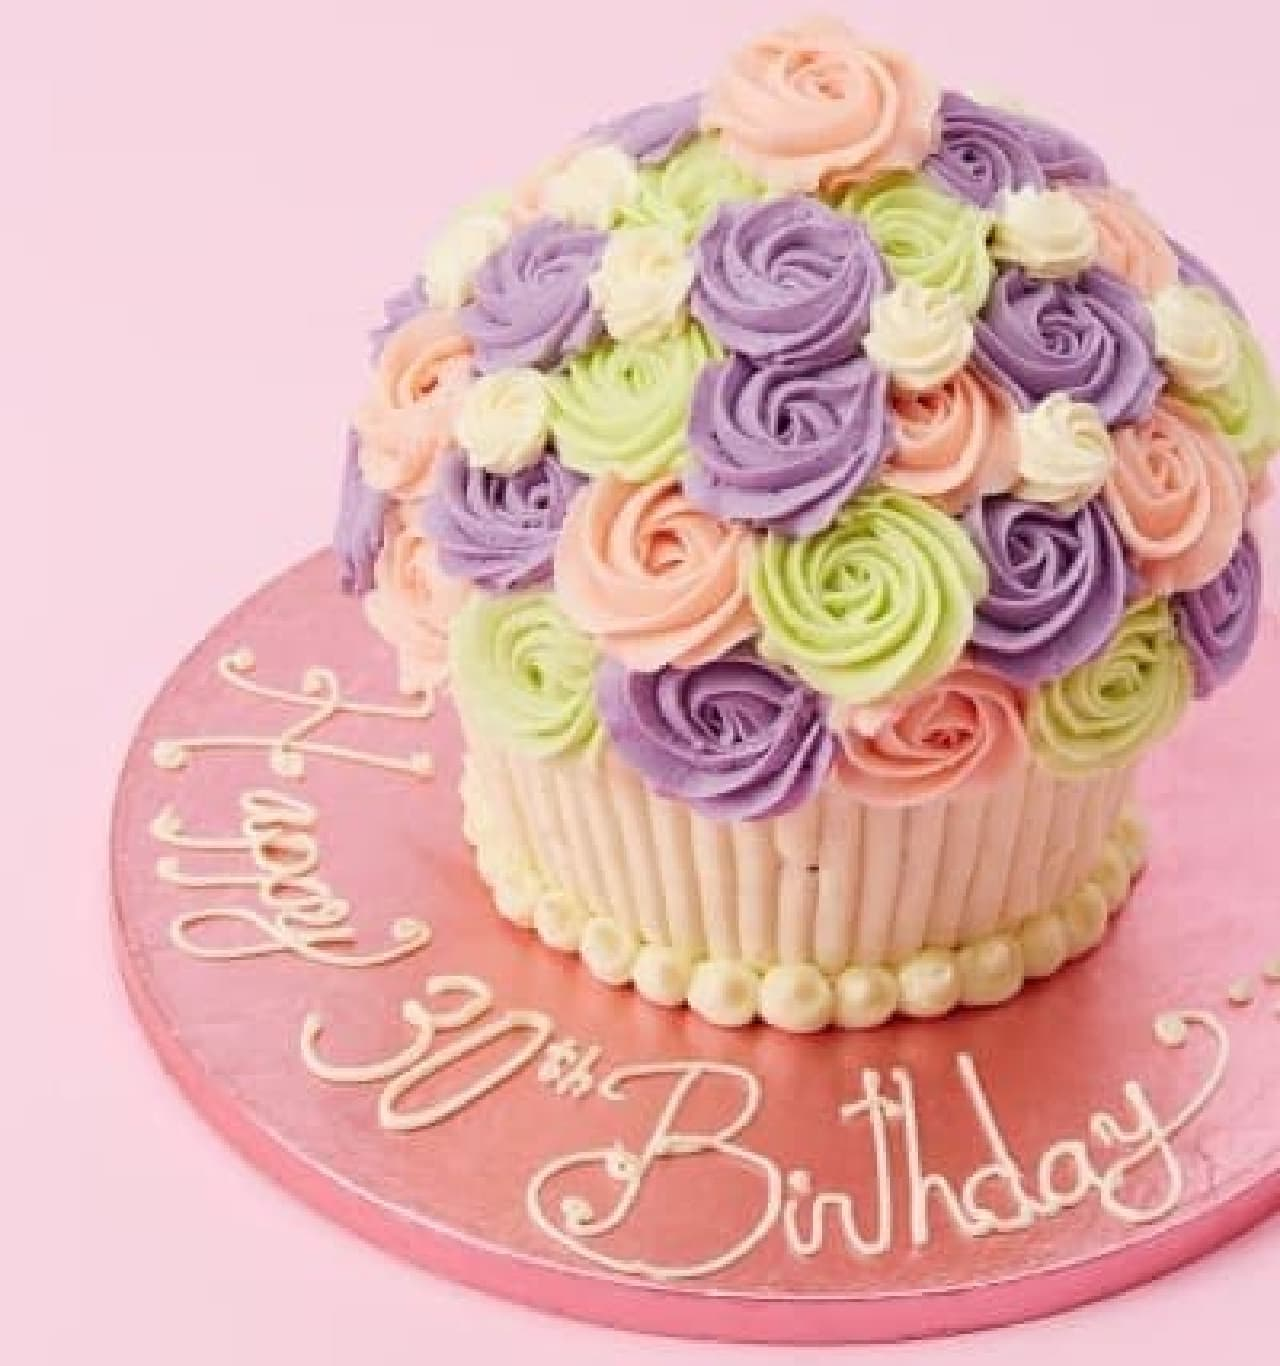 お誕生日には、こんな華やかなカップケーキも